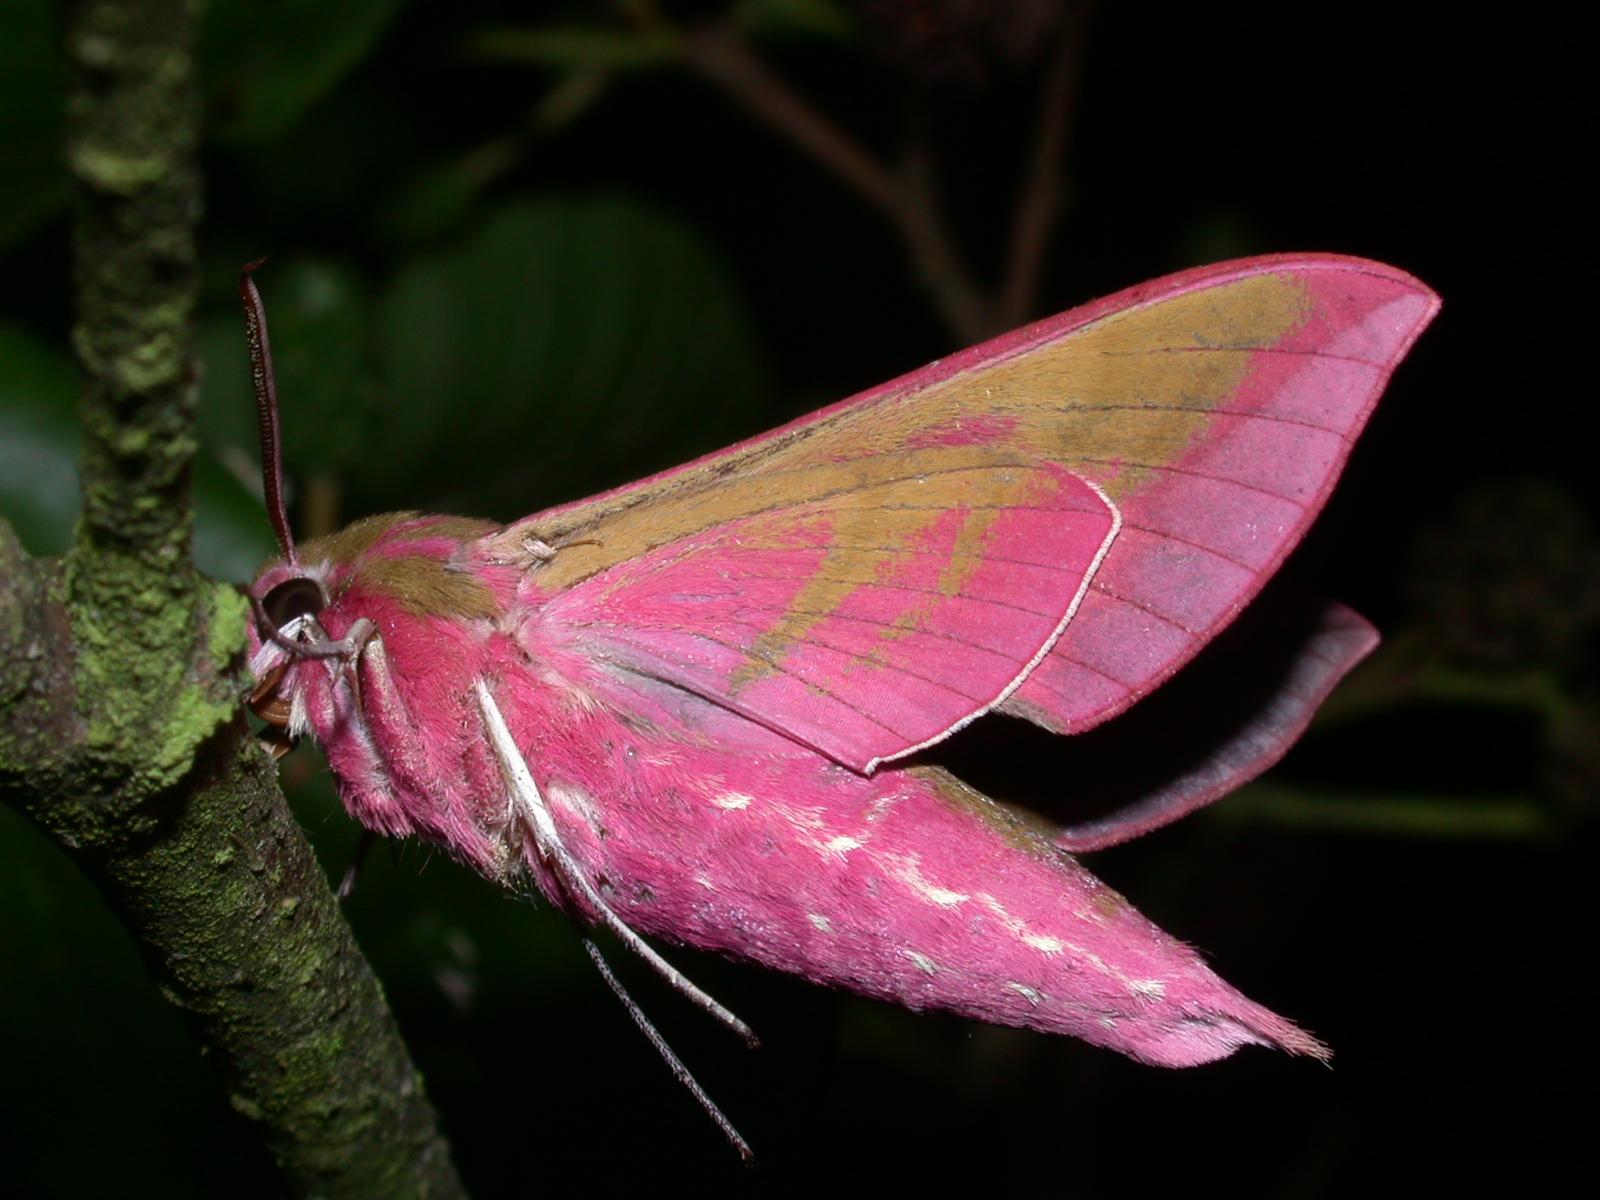 21 mai 2011 nuit du papillon dans la for t de verneuil adiv environnement - Duree de vie papillon de nuit ...